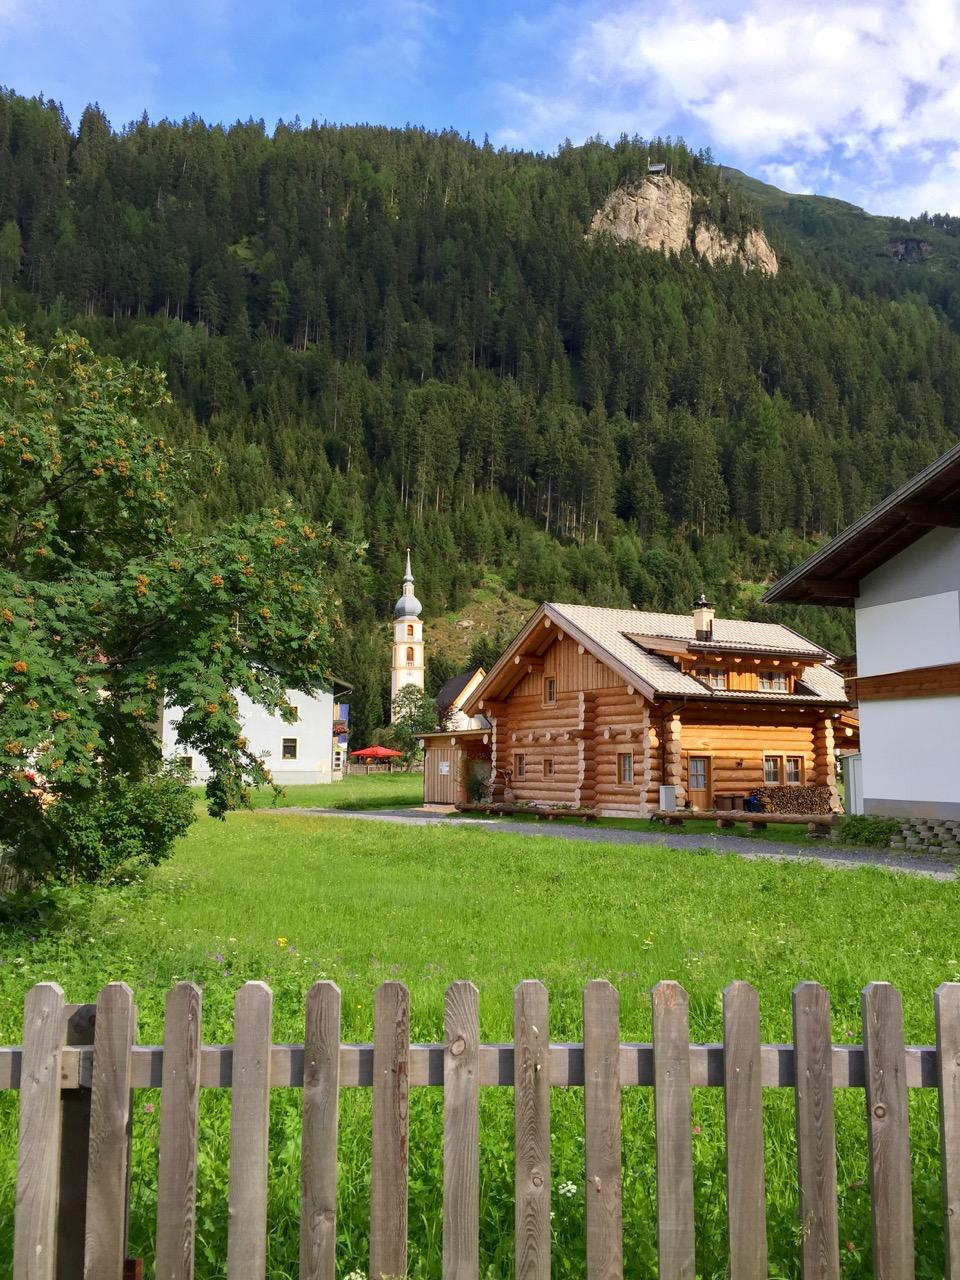 Tirol barrierefrei: Feichten im Kaunertal mit Blick auf die Adlerspitze www.berlinfreckles.de